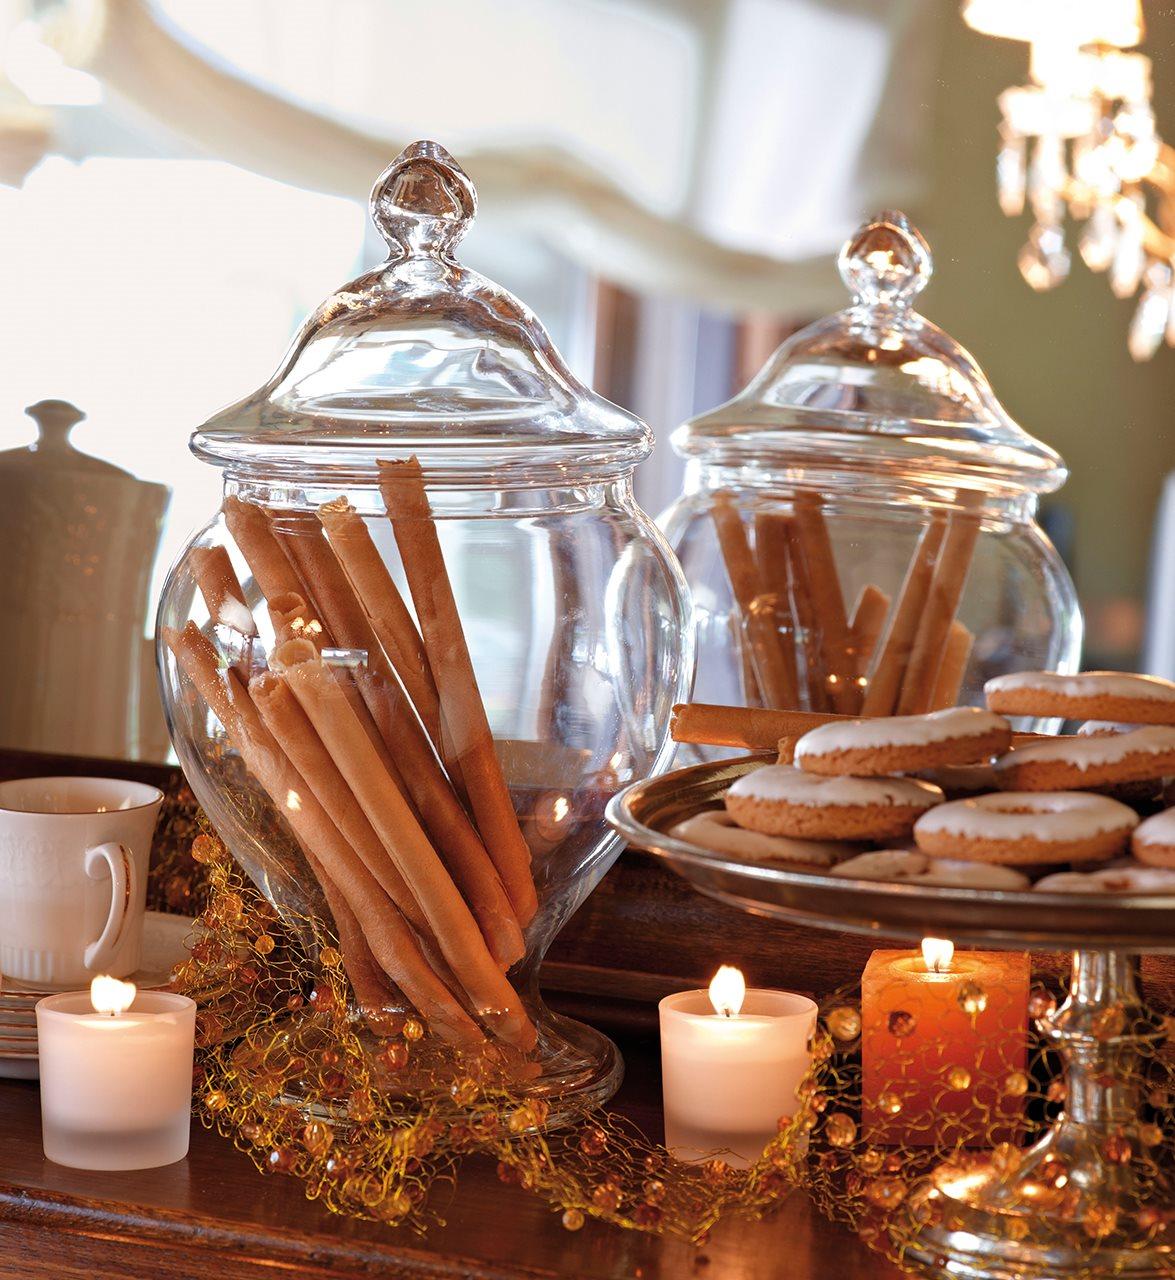 15 ideas para decorar la casa esta navidad for Ideas para decorar la casa en otono